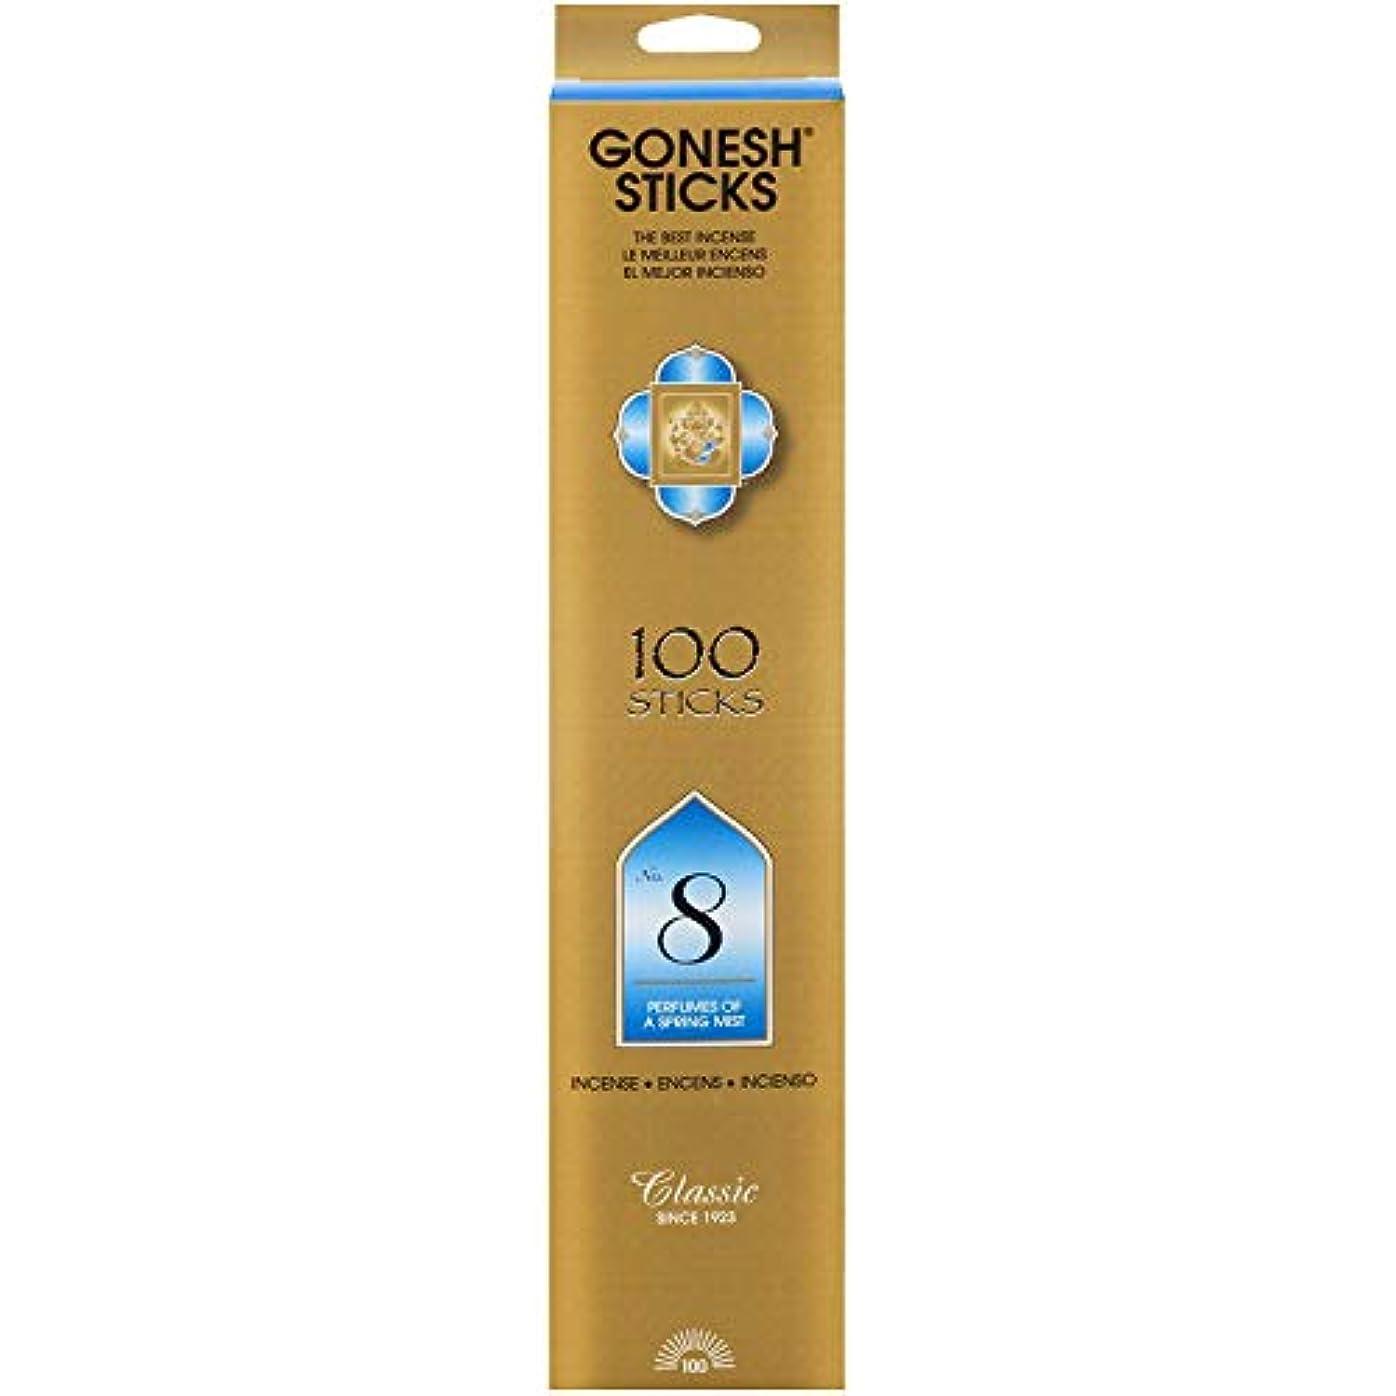 達成する工場意志に反するGONESH インセンス No.8 スティック 100本入 セット販売 (2個)